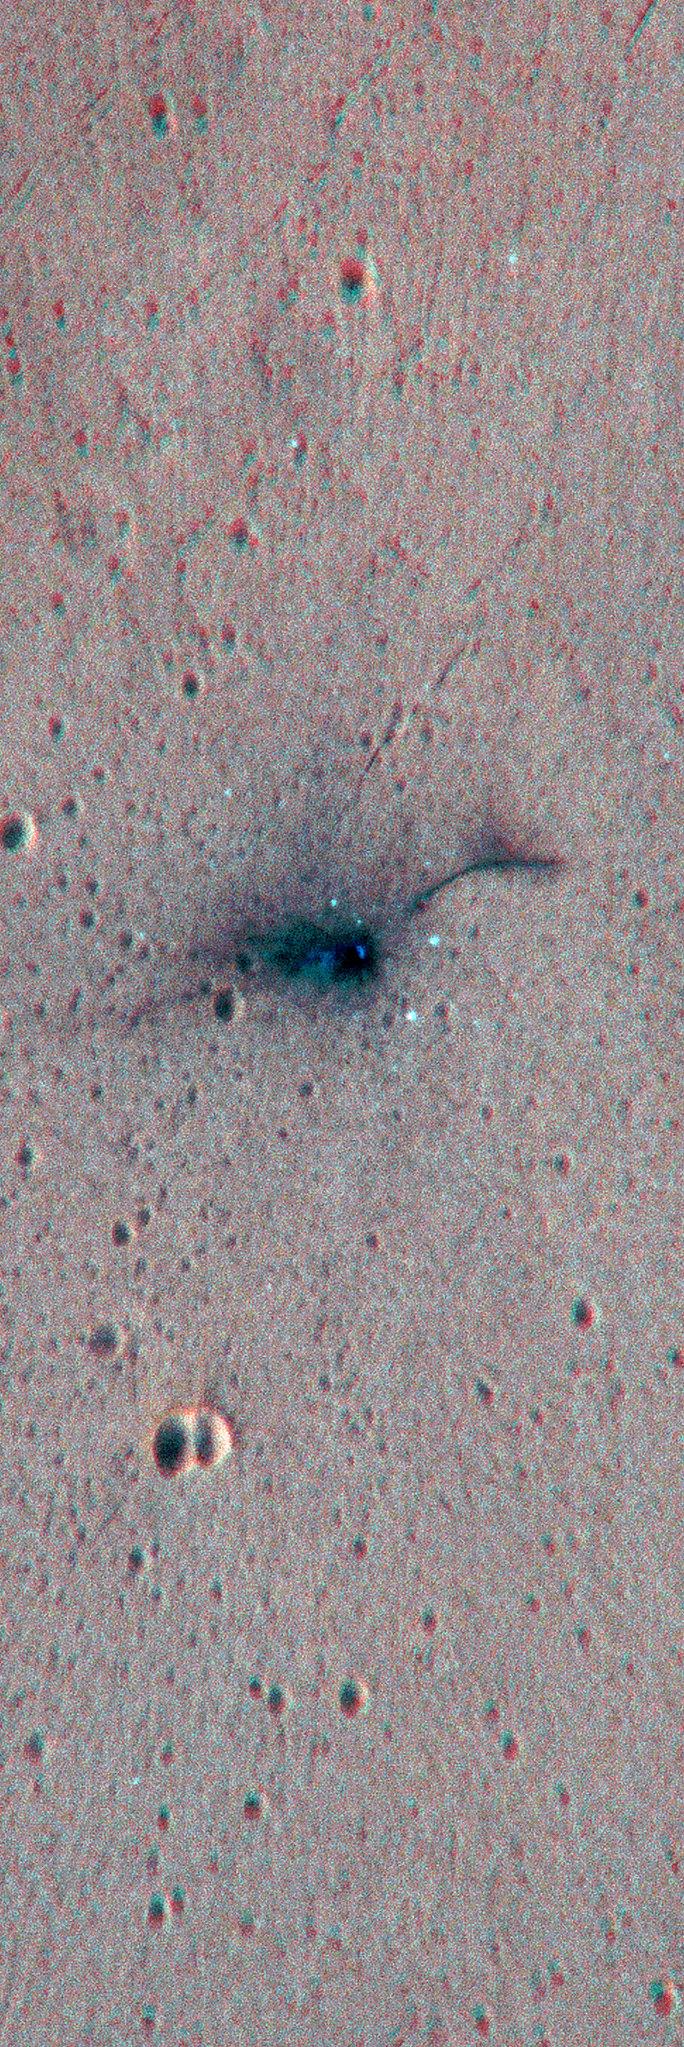 ExoMars Schiaparelli - ESP_048041_1780 ESP_048120_1780 EDM anaglifo, dettaglio ingrandito